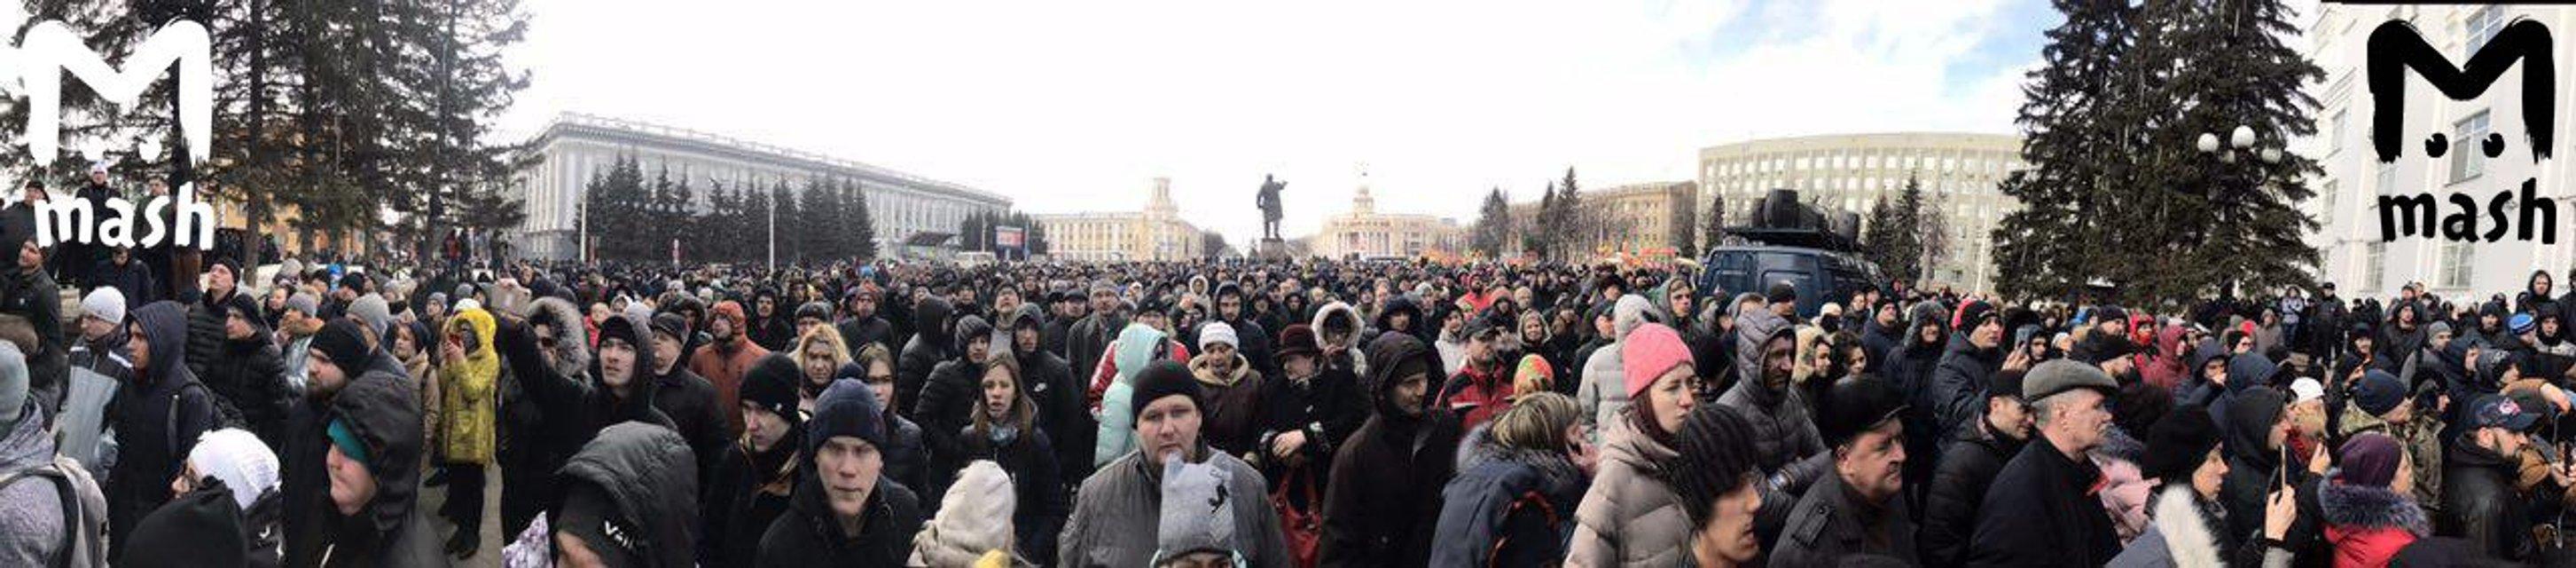 Губернатор Тулеев извинился перед Путиным за пожар в 'Зимней вишне' - фото 116053